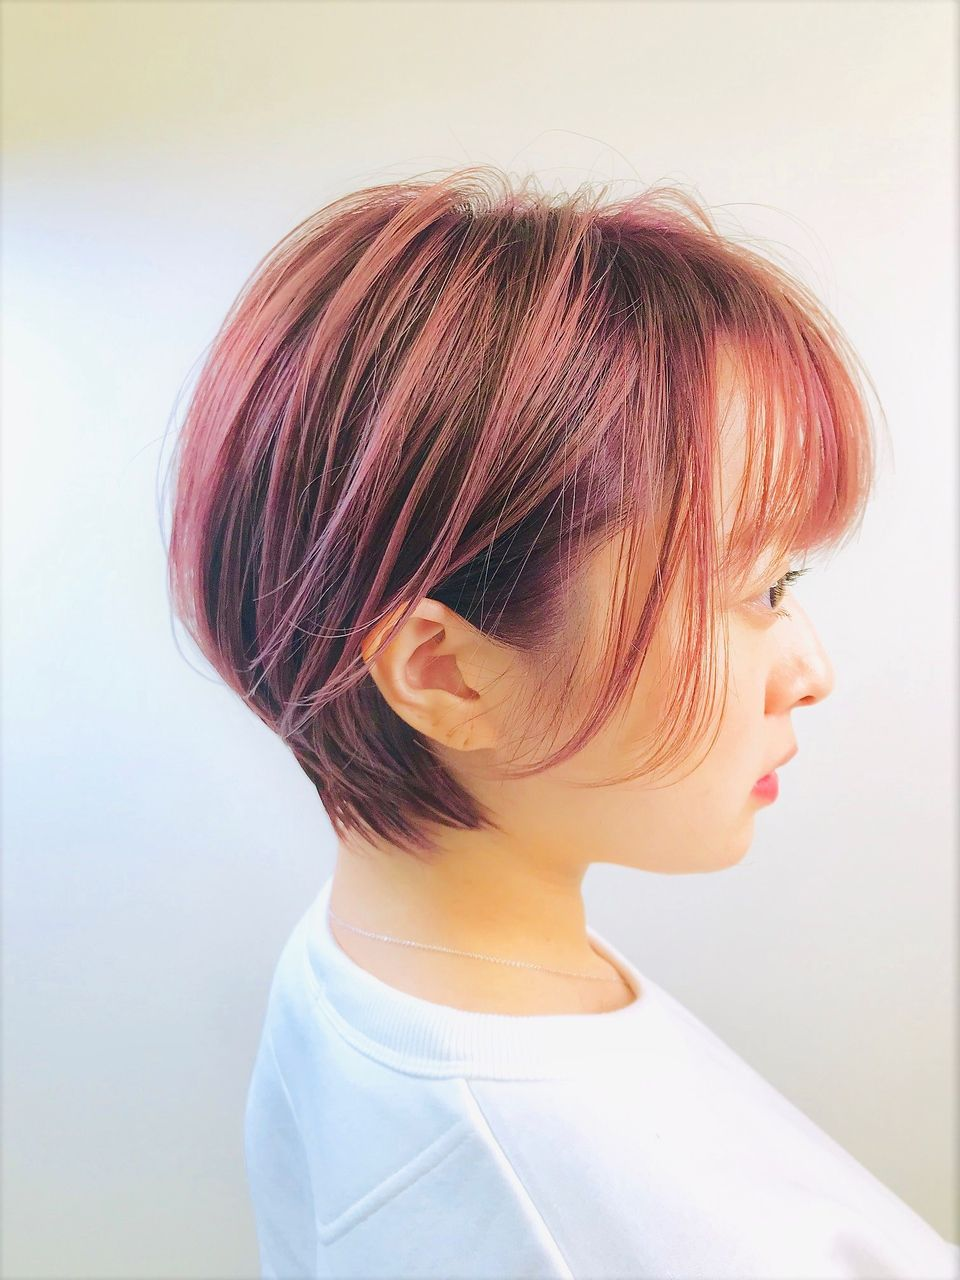 ハンサムショート ショートヘア カジュアル シンプル 髪色 髪型 2019